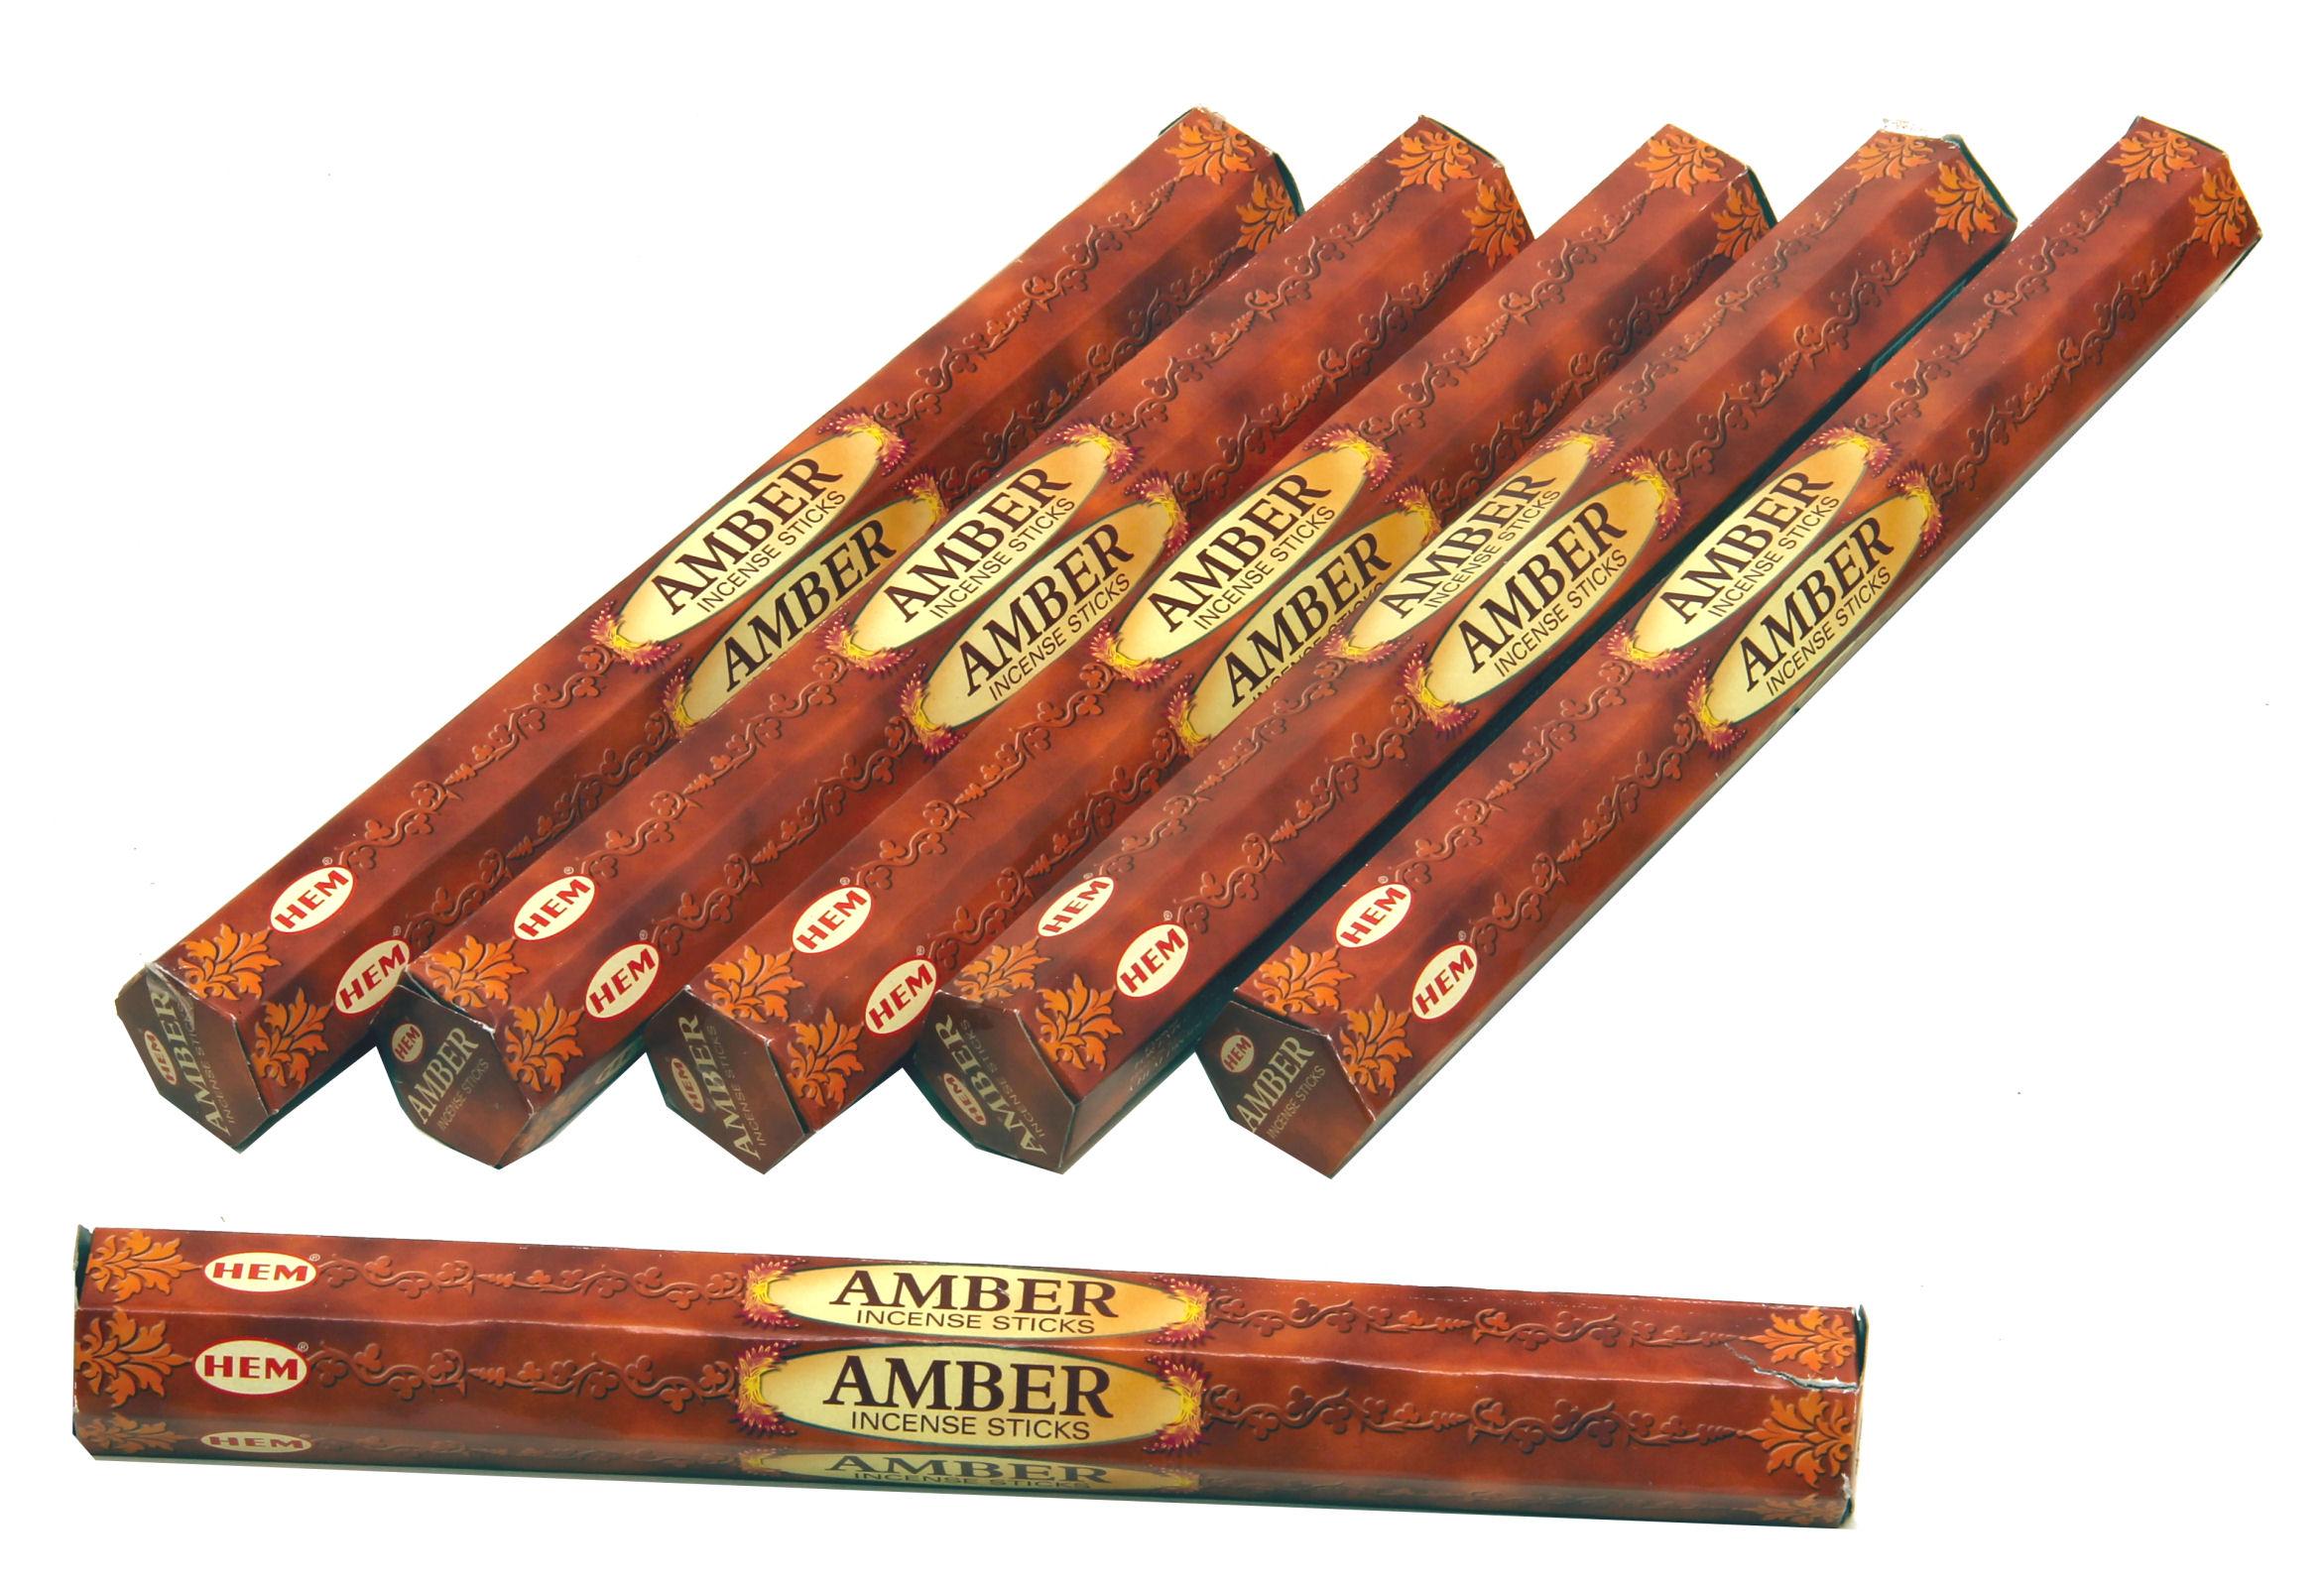 HEM Räucherstäbchen Sparset. 6 Packungen ca. 120 Sticks Amber